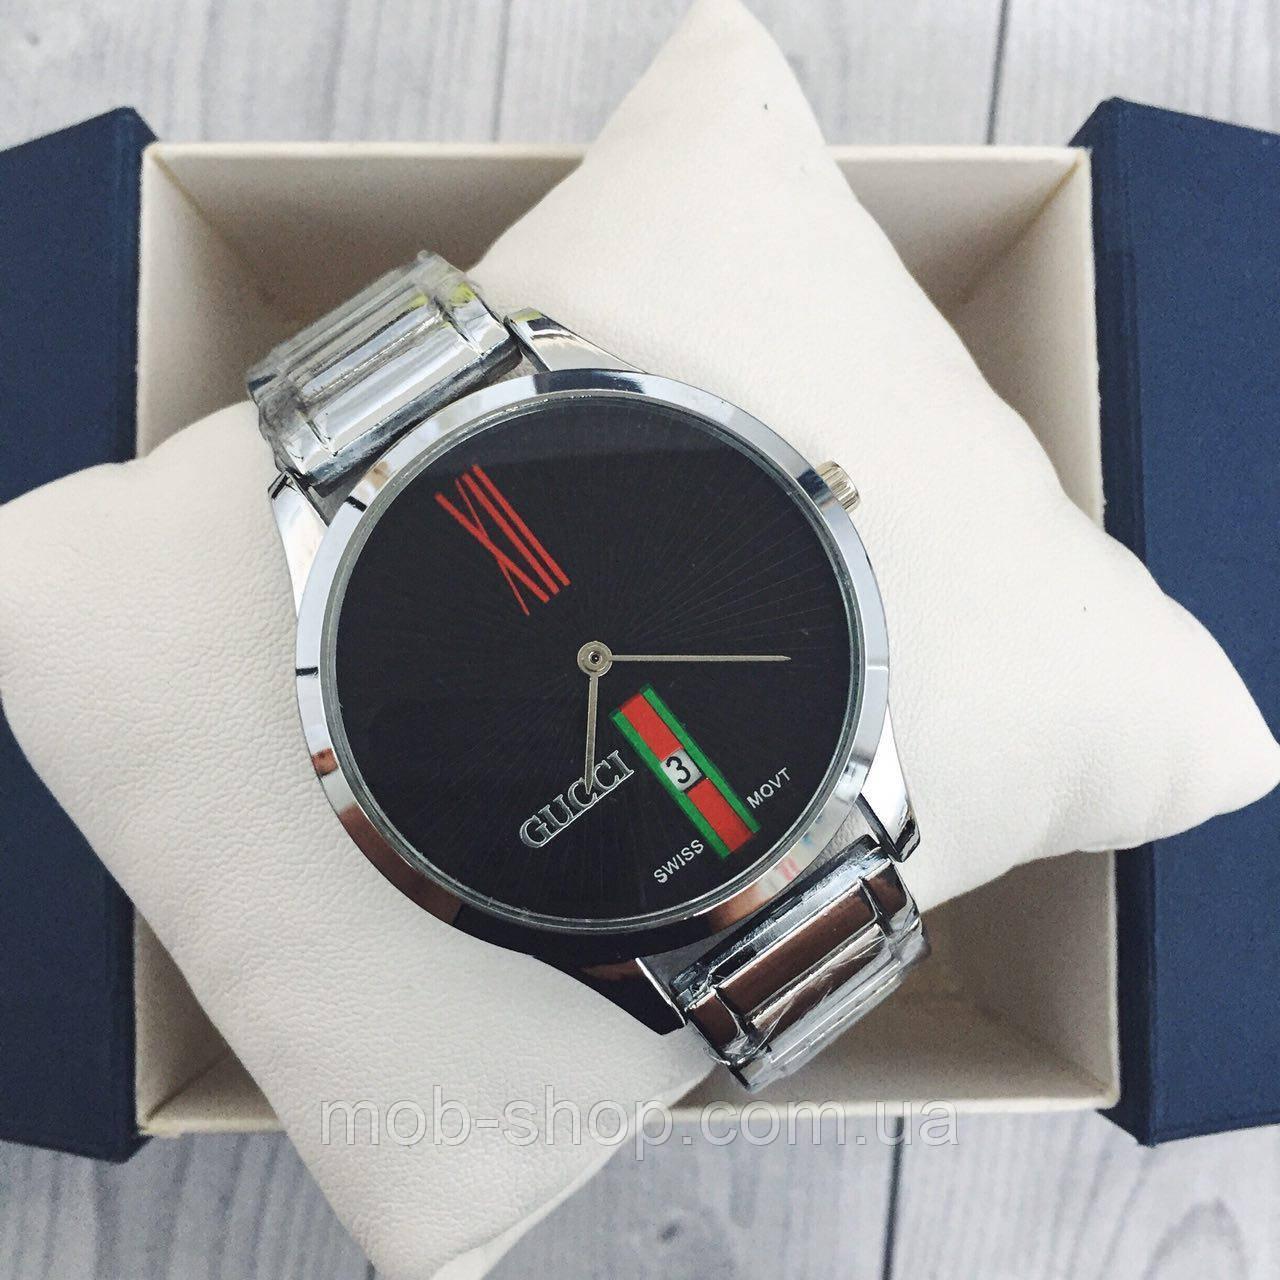 Наручные часы Gucci 9201 Silver-Black